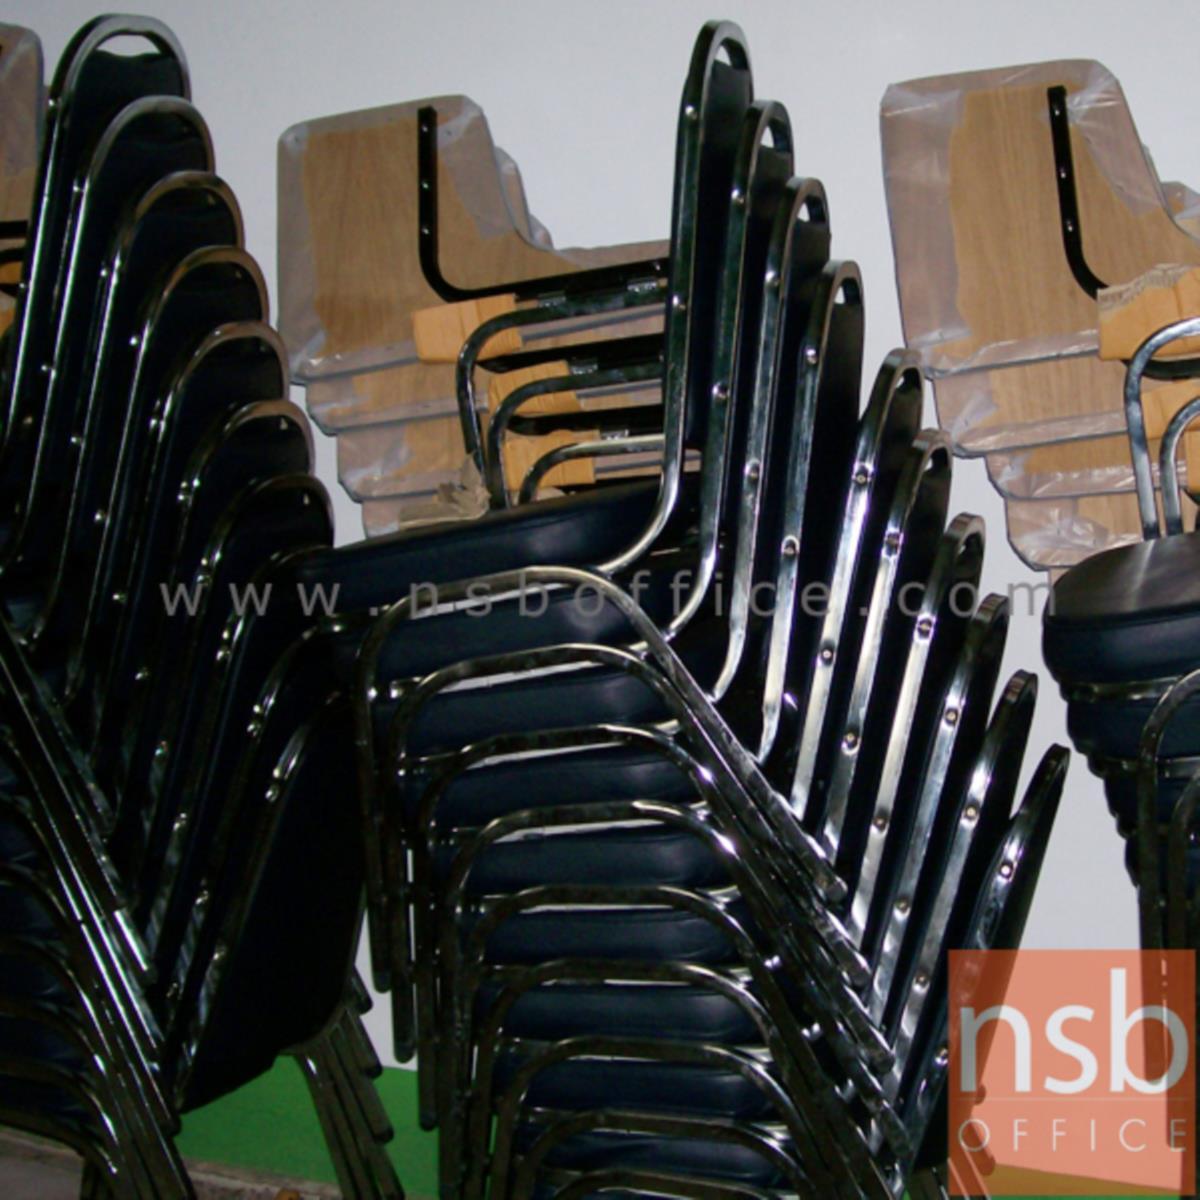 เก้าอี้เลคเชอร์ รุ่น Calene (คาเลน) ขาเหล็กชุบโครเมี่ยมและขาเหล็กพ่นดำ